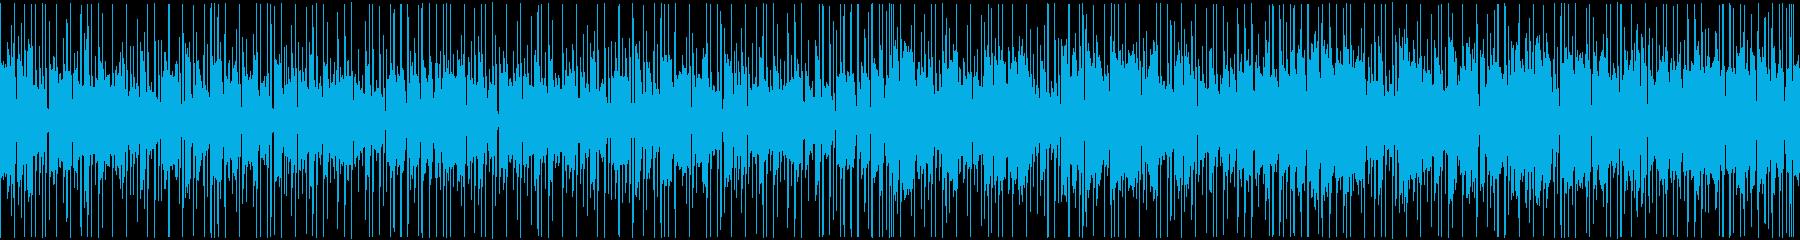 動画やラジオに。ノリノリ!ベーススラップの再生済みの波形